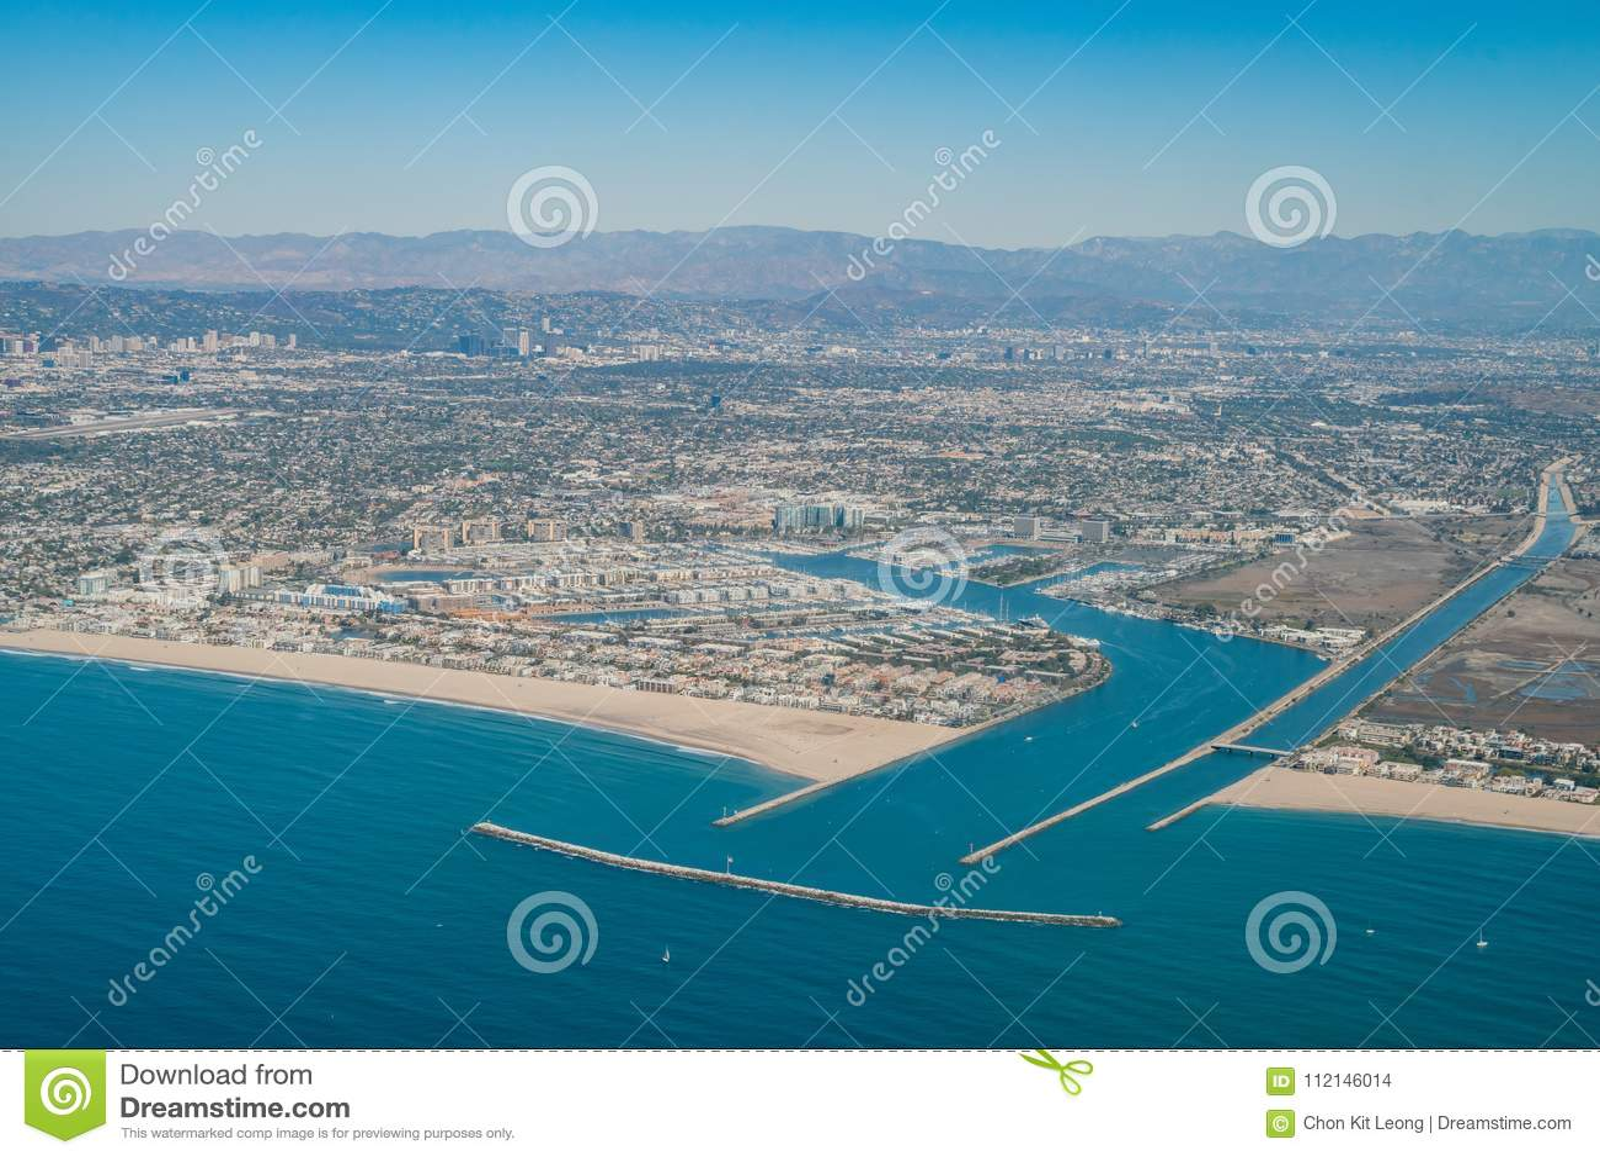 德拉瑞码头和海滨del Rey鸟瞰图